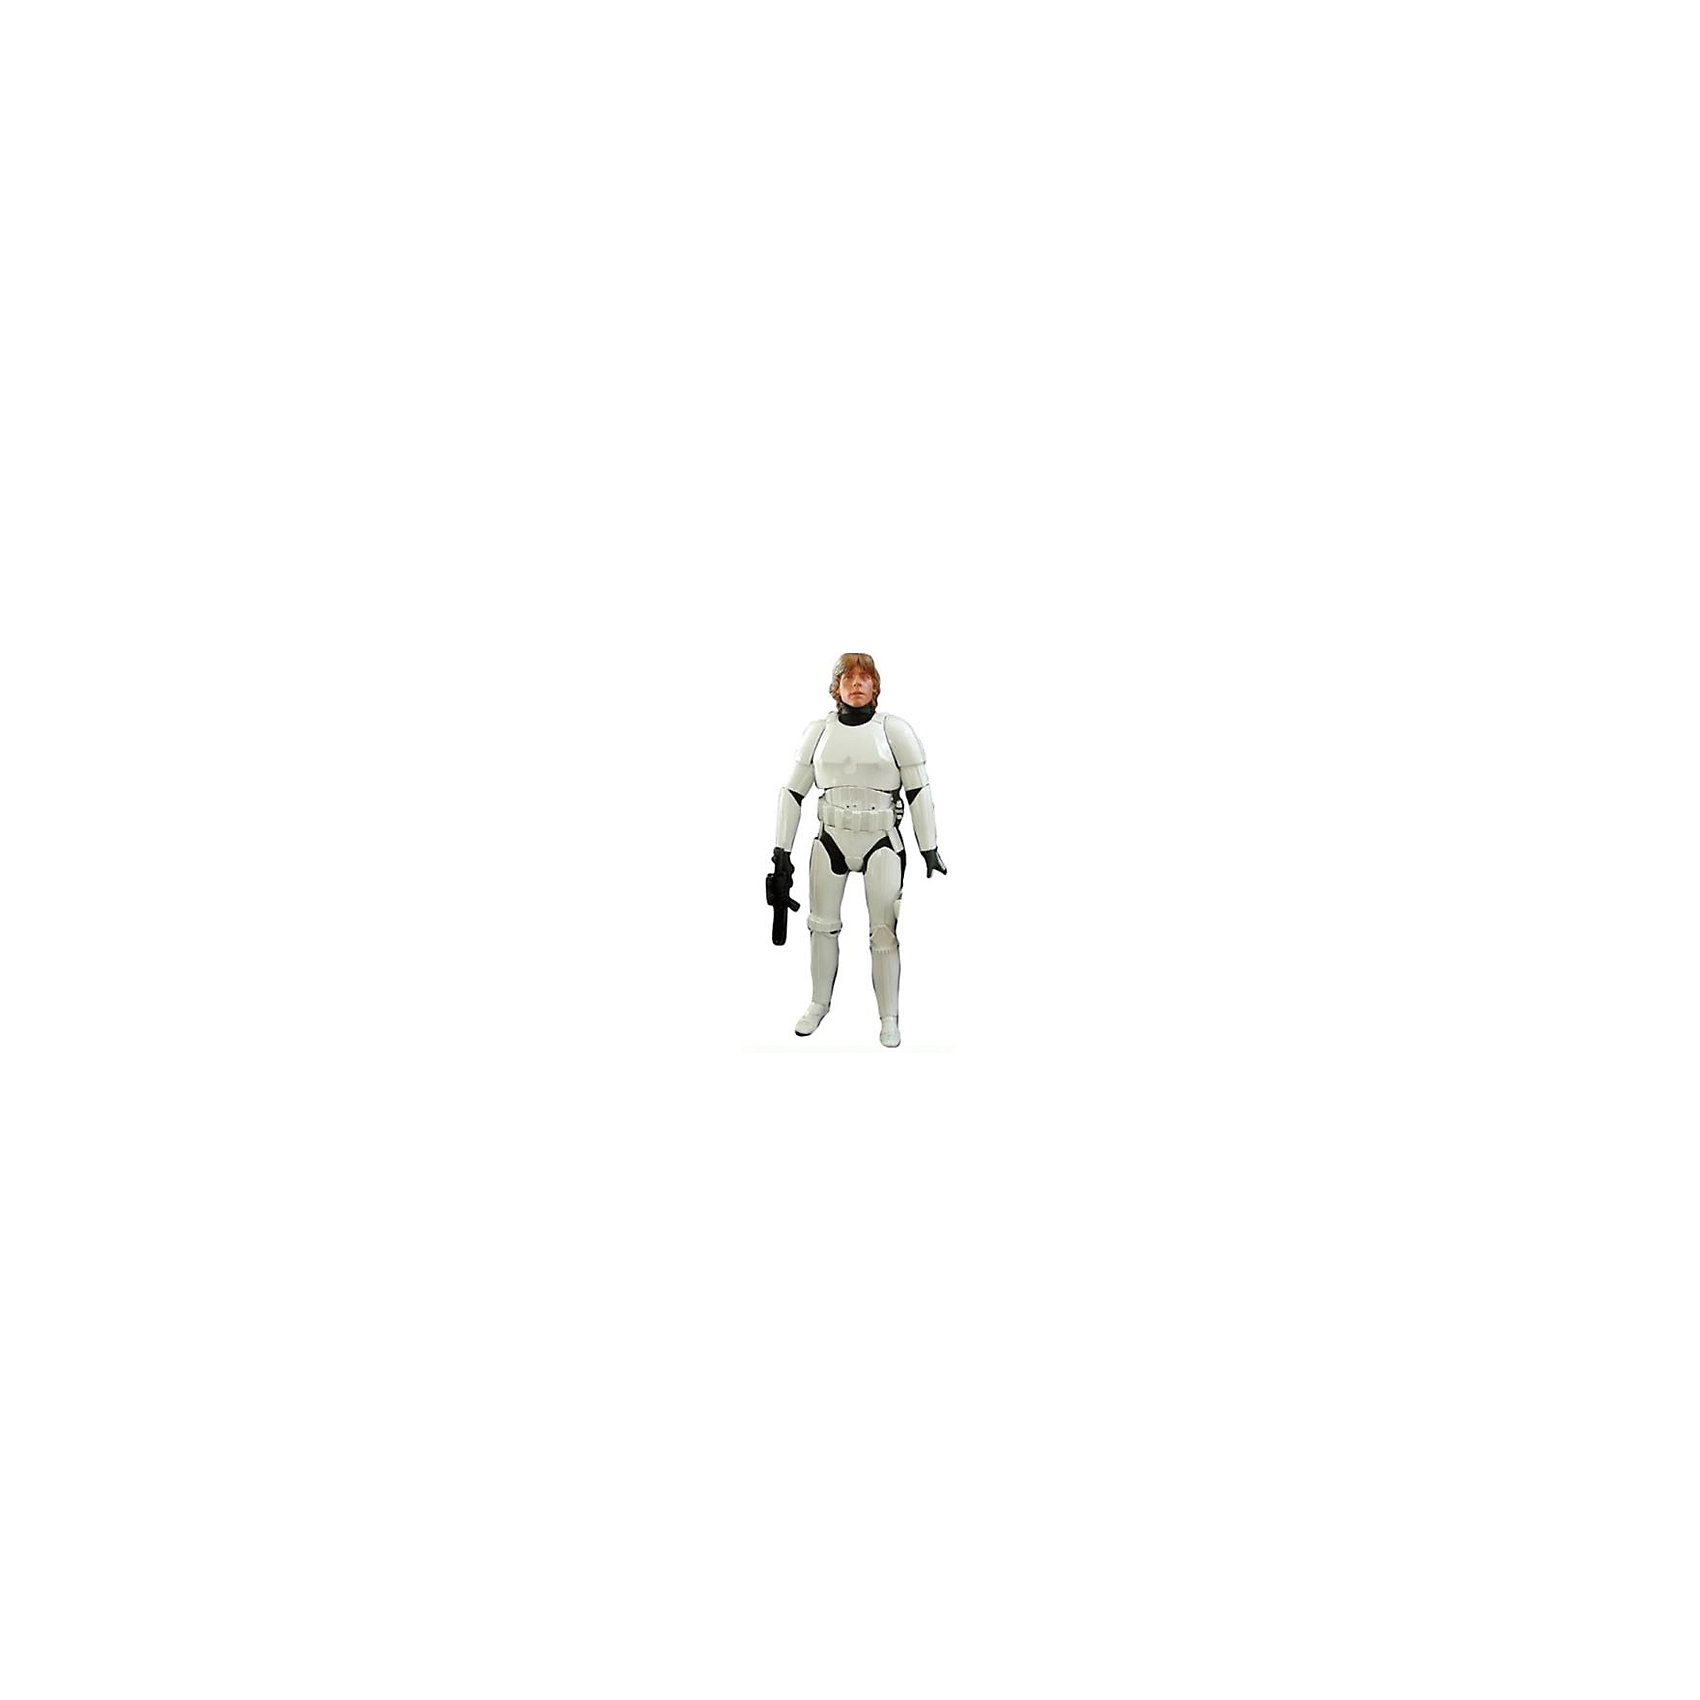 Jakks Pacific Фигура Скайуокер в броне штурмовика, 79 см, Звездные Войны, Big Figures фигура star wars звездные войны хан соло 79 см